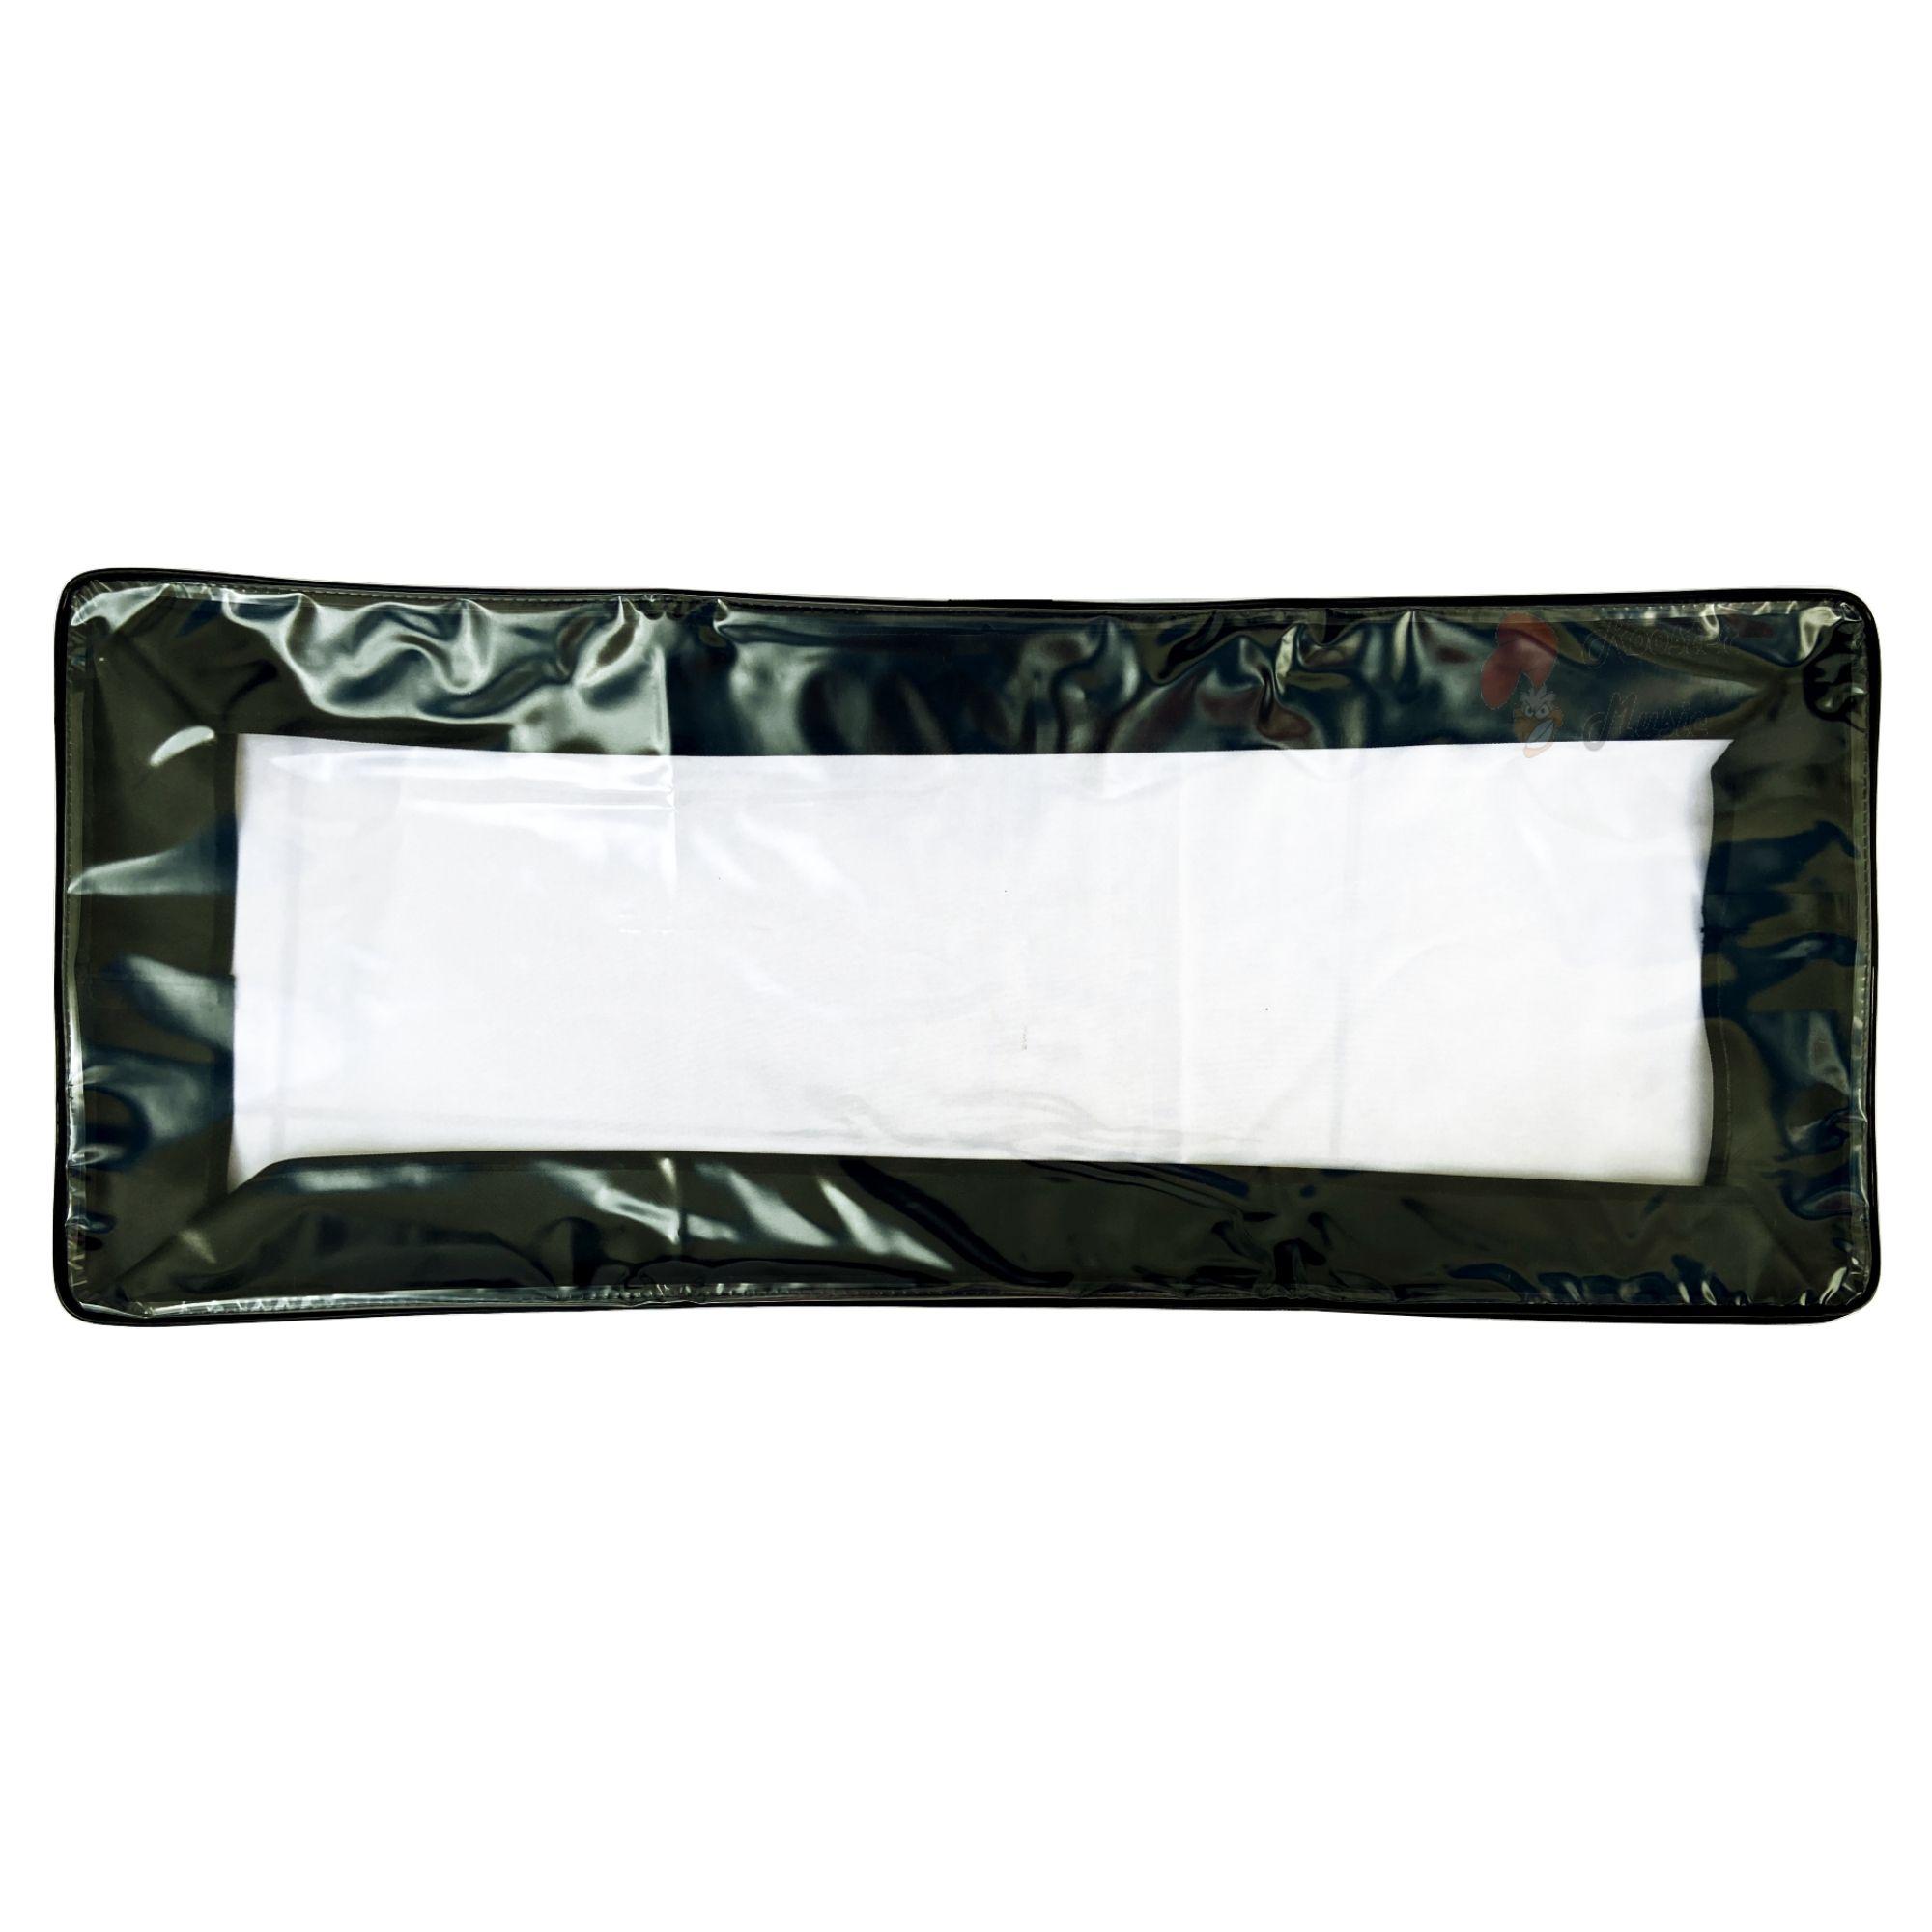 Capa Expositora Cristal Para Teclado TC-261, Proteção contra poeiras, Clave & Bag.